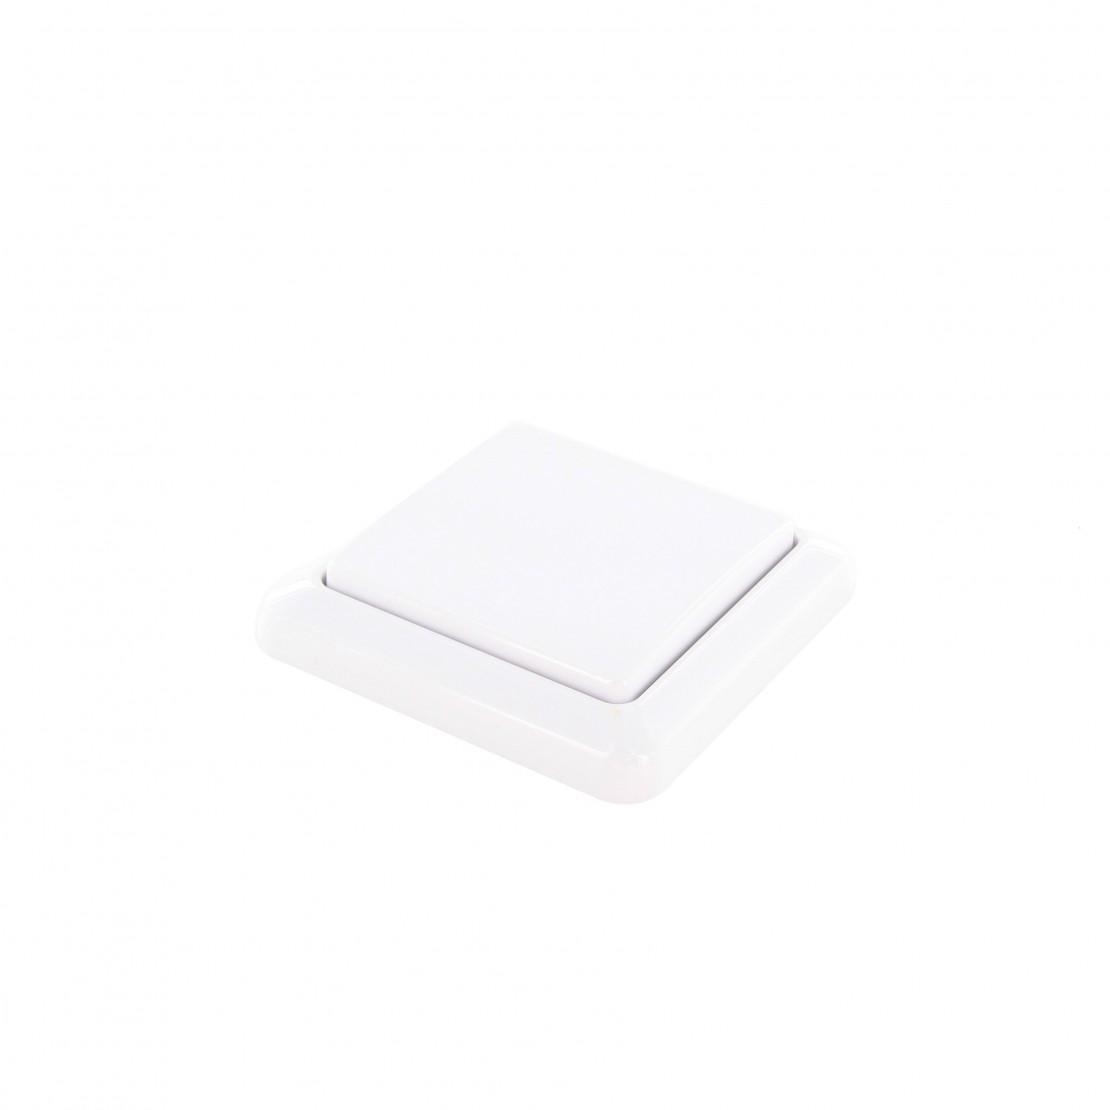 Interrupteur minuterie sans fil (blanc)